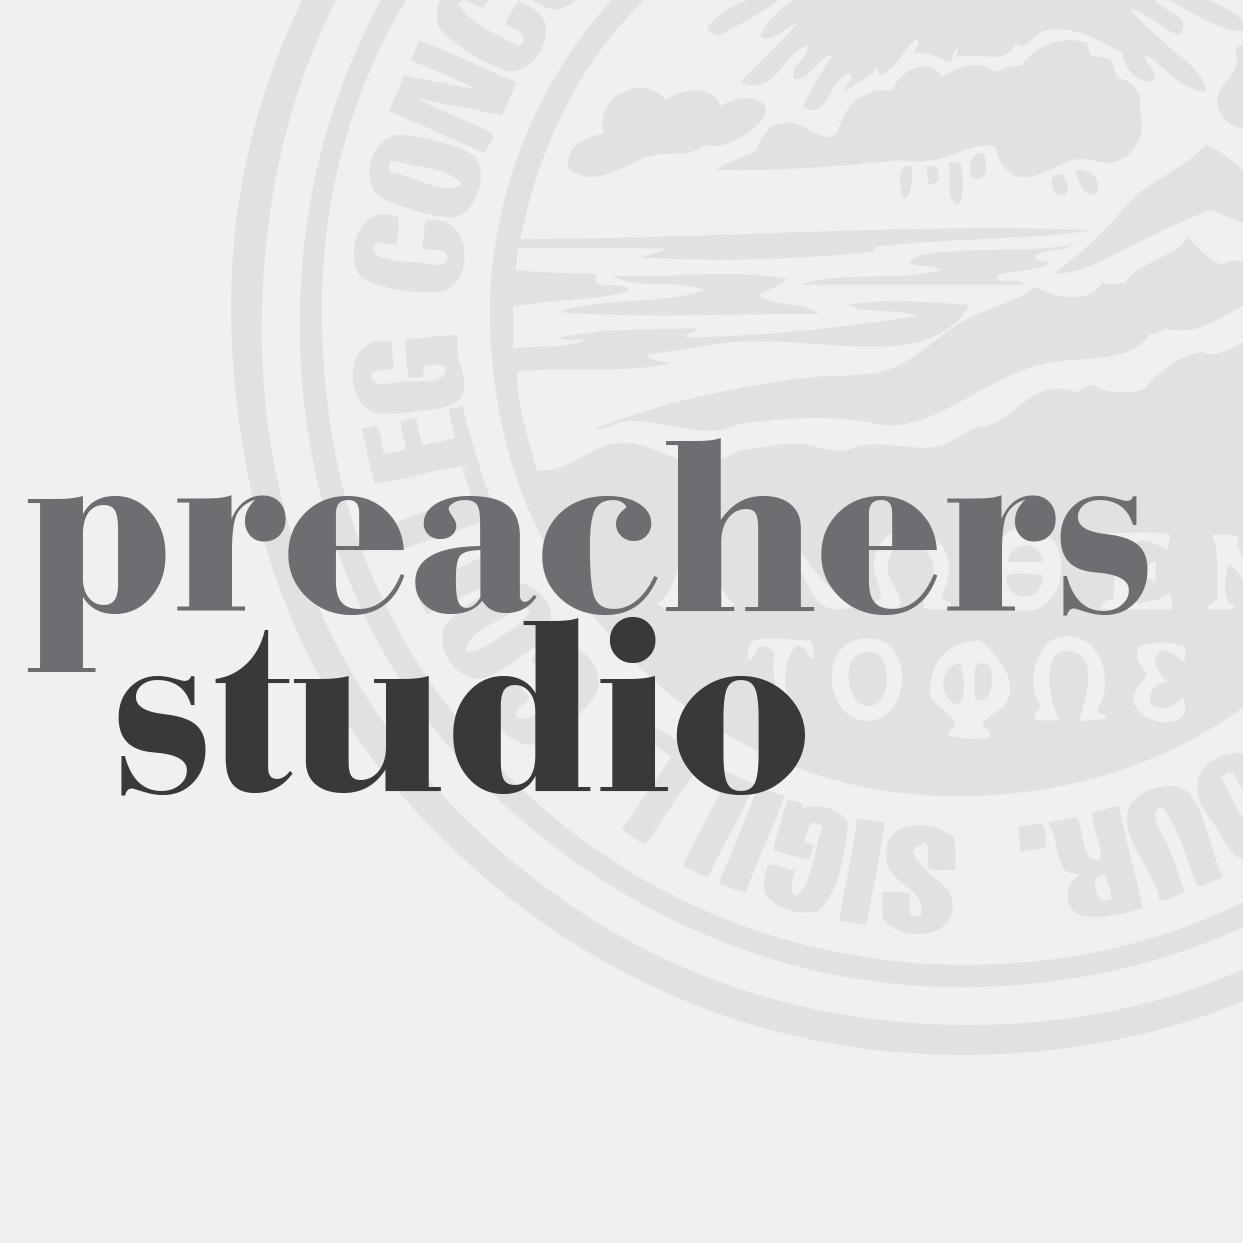 Preachers Studio: Todd Jones